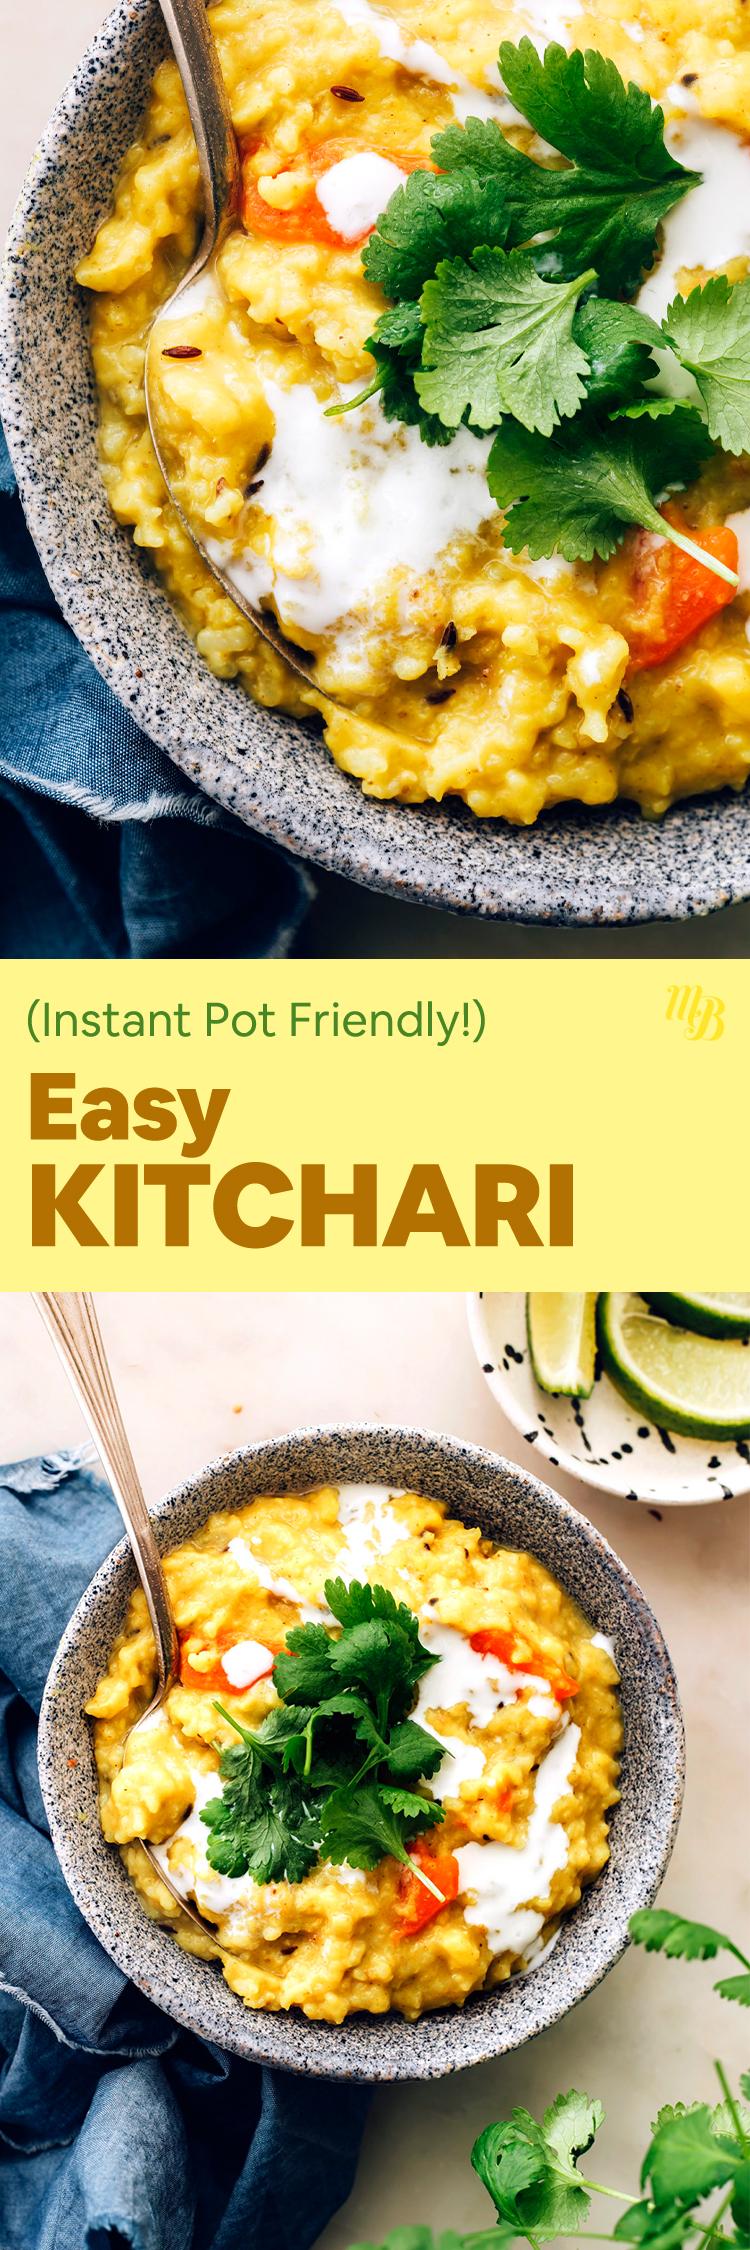 Cuencos de Kitchari vegano fácil de preparar instantáneamente